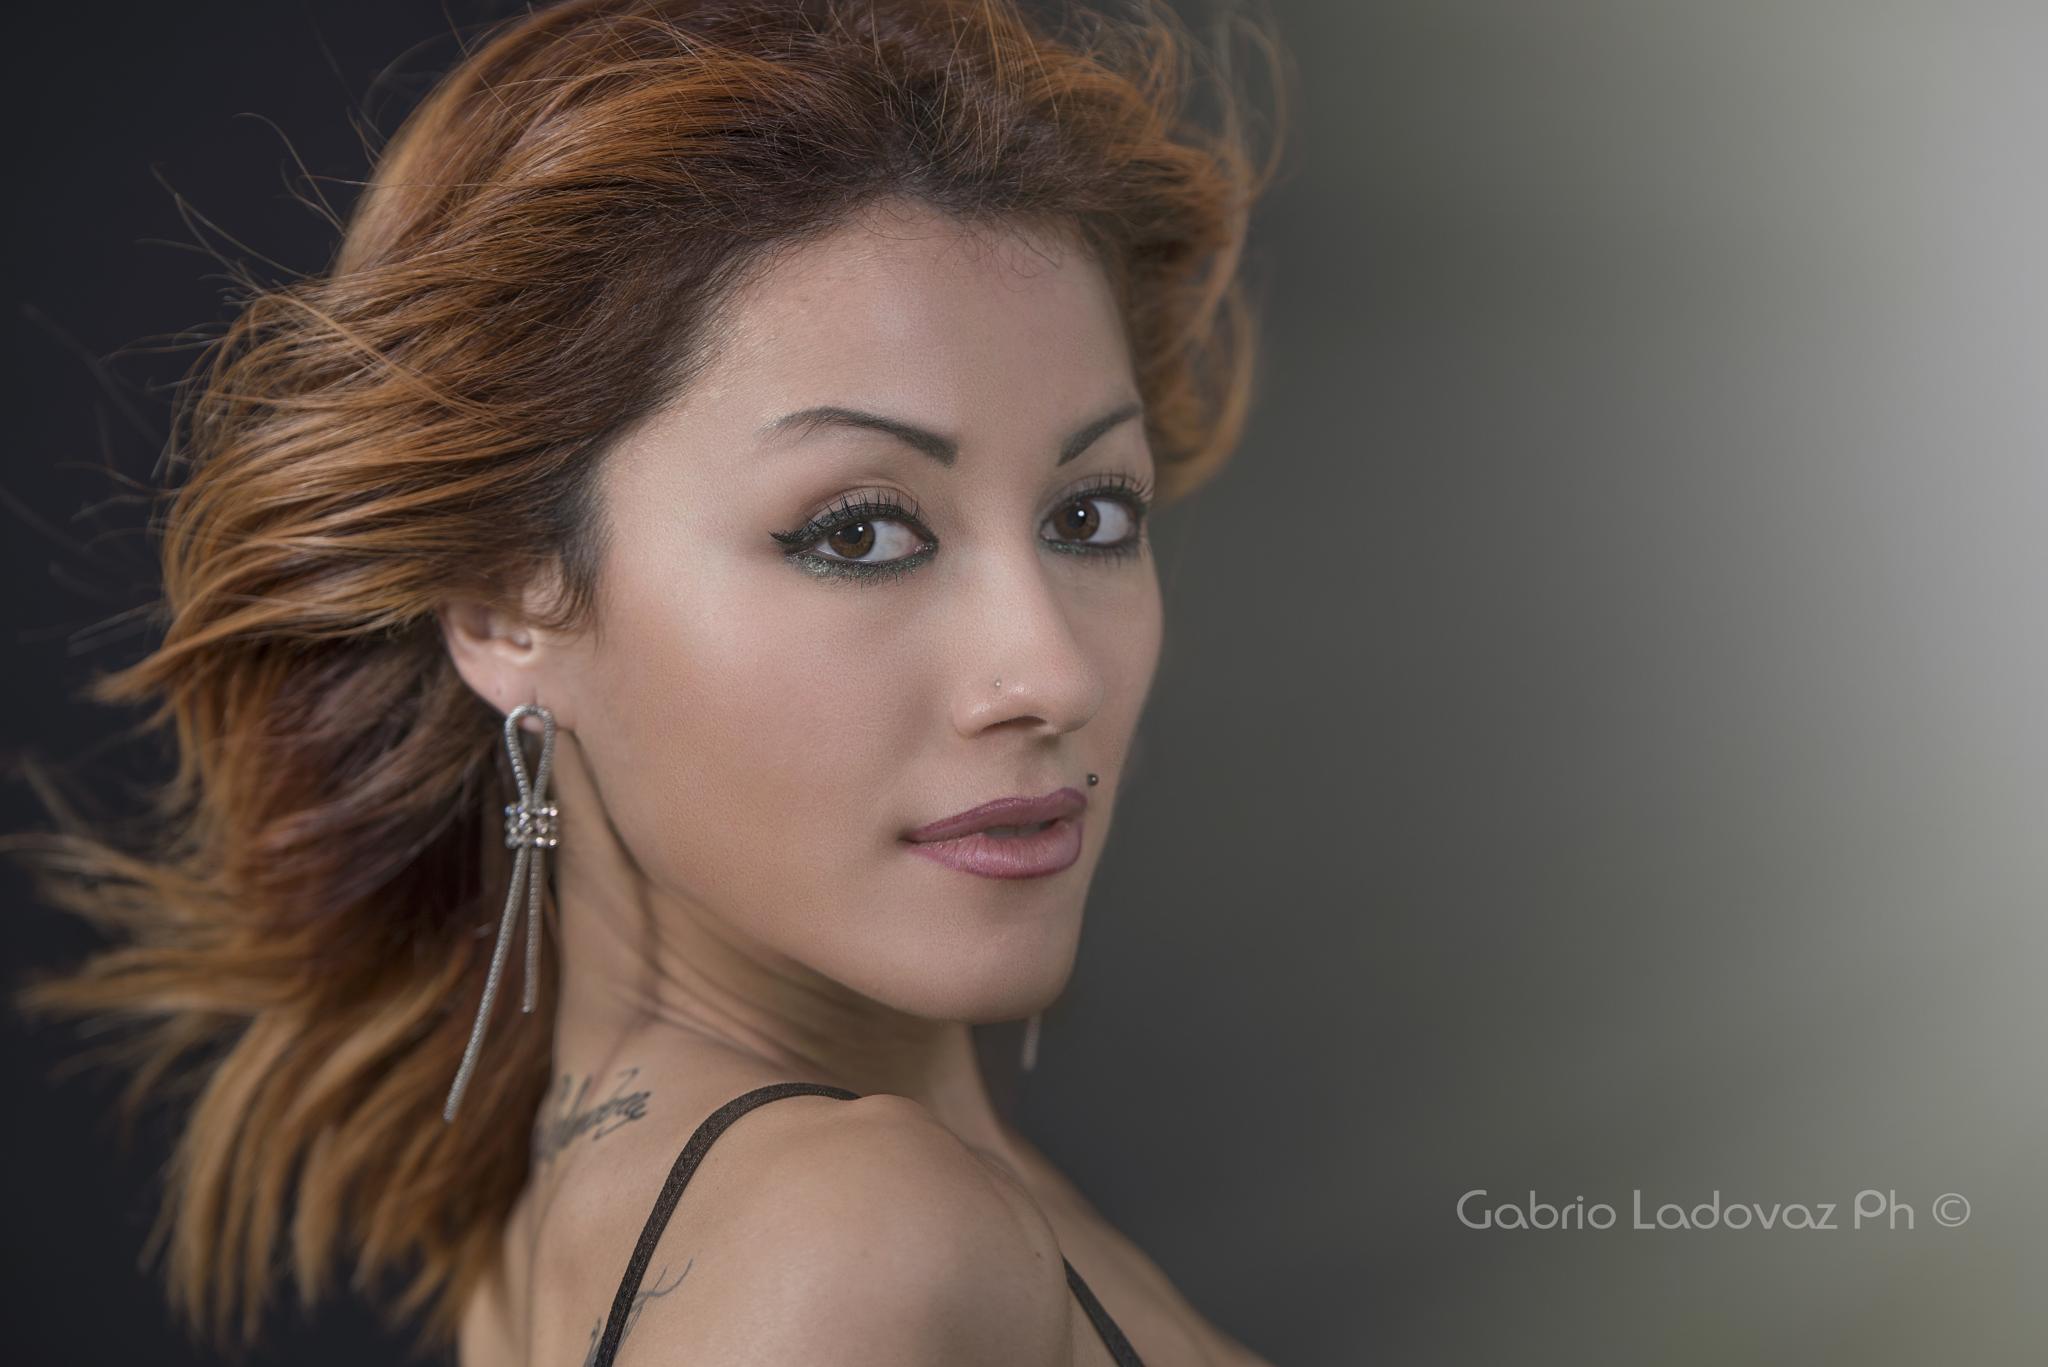 Laura by Gabrio